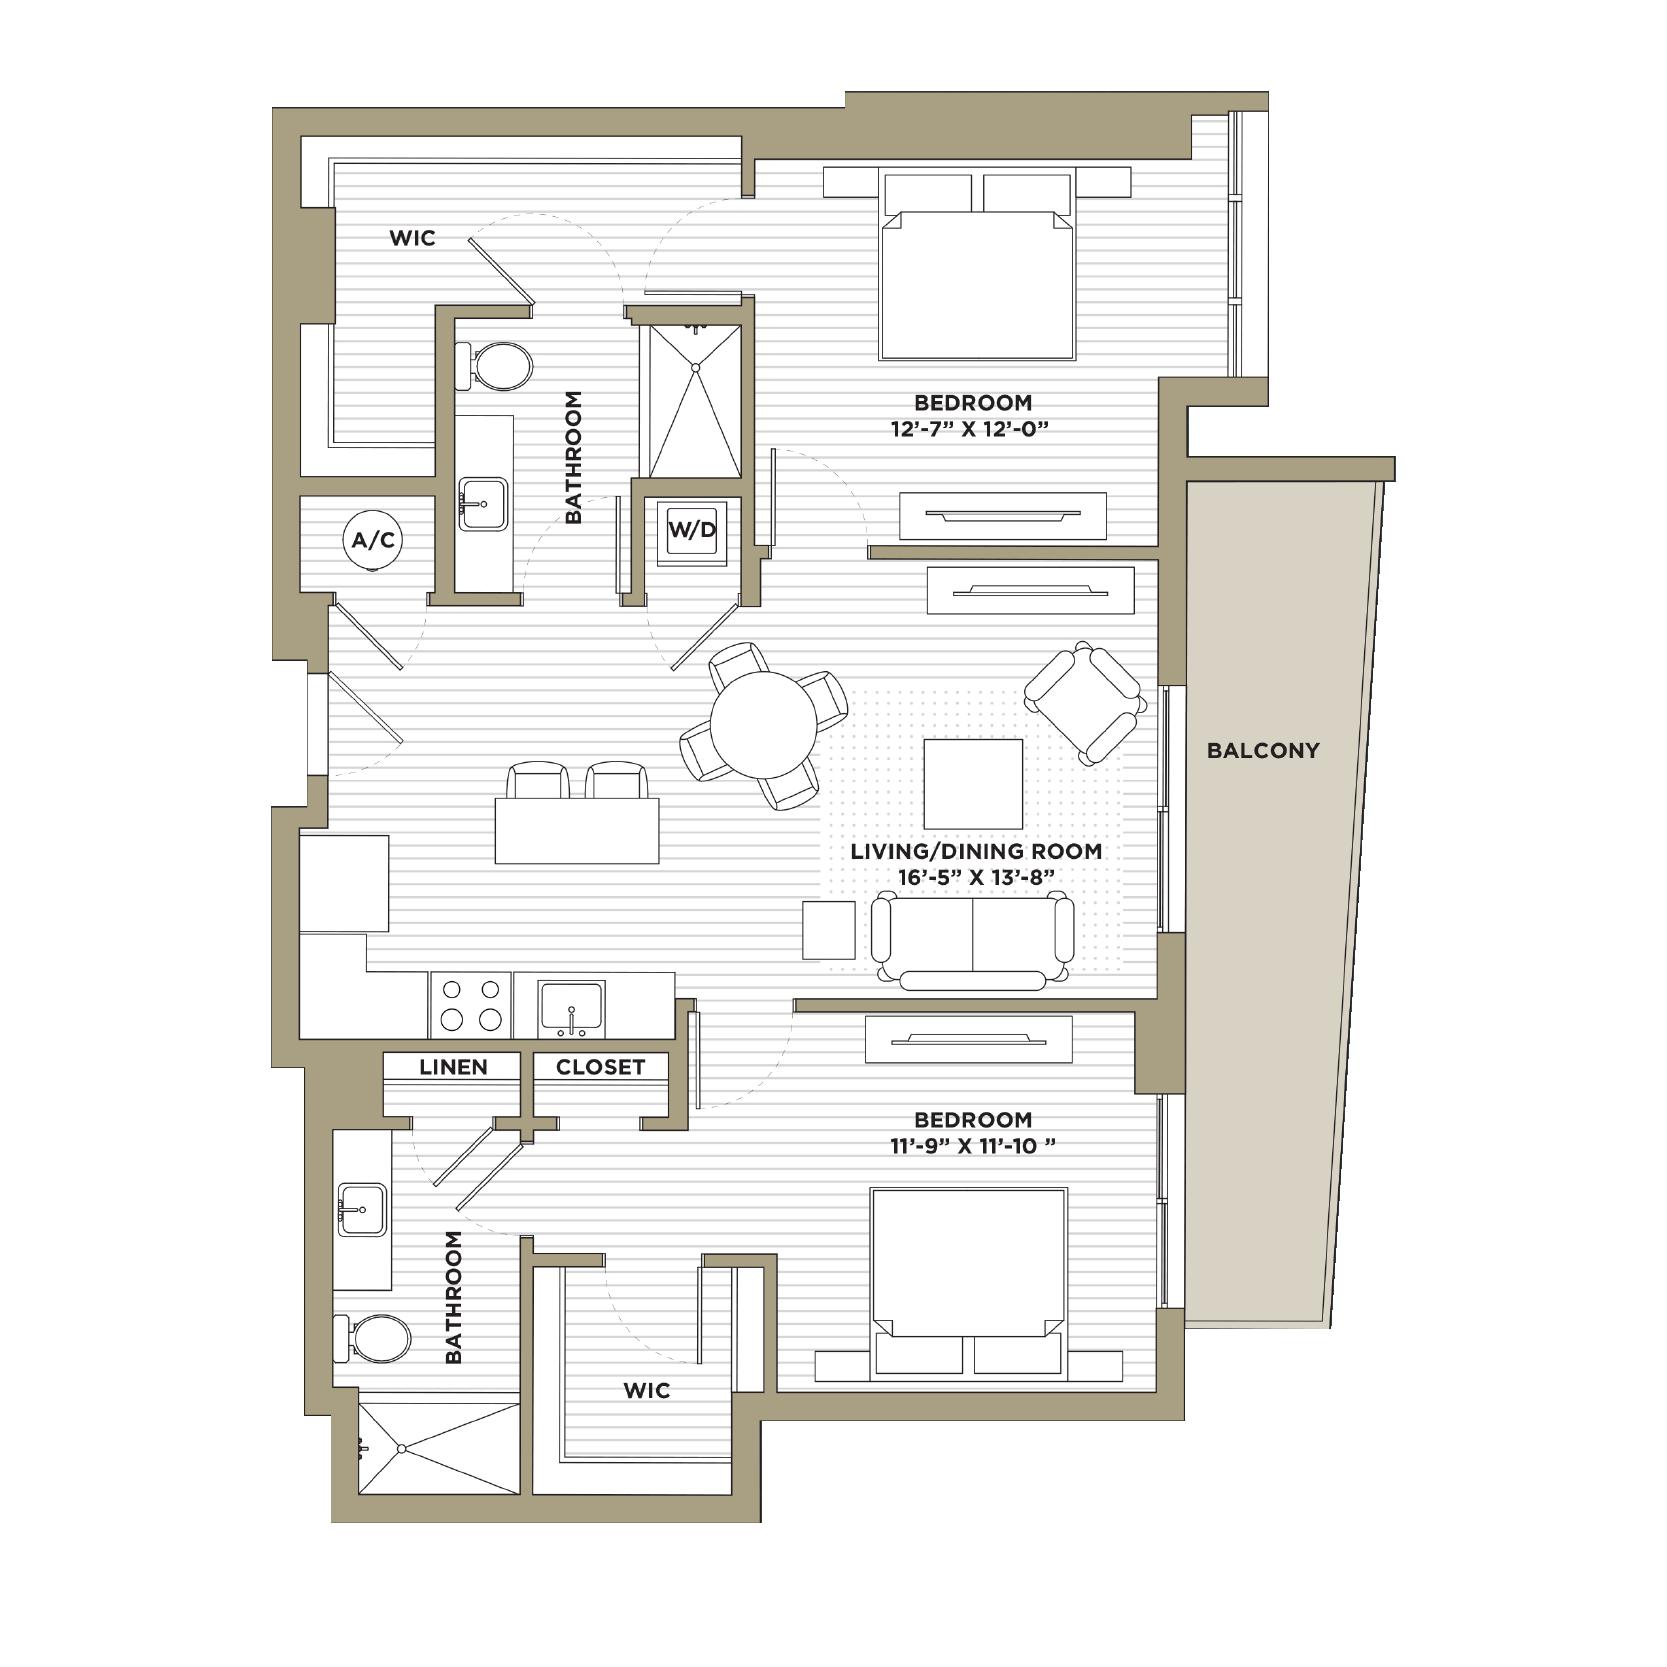 B11 - 2 Bedroom / 2 Bathroom1,199 sq. ft.